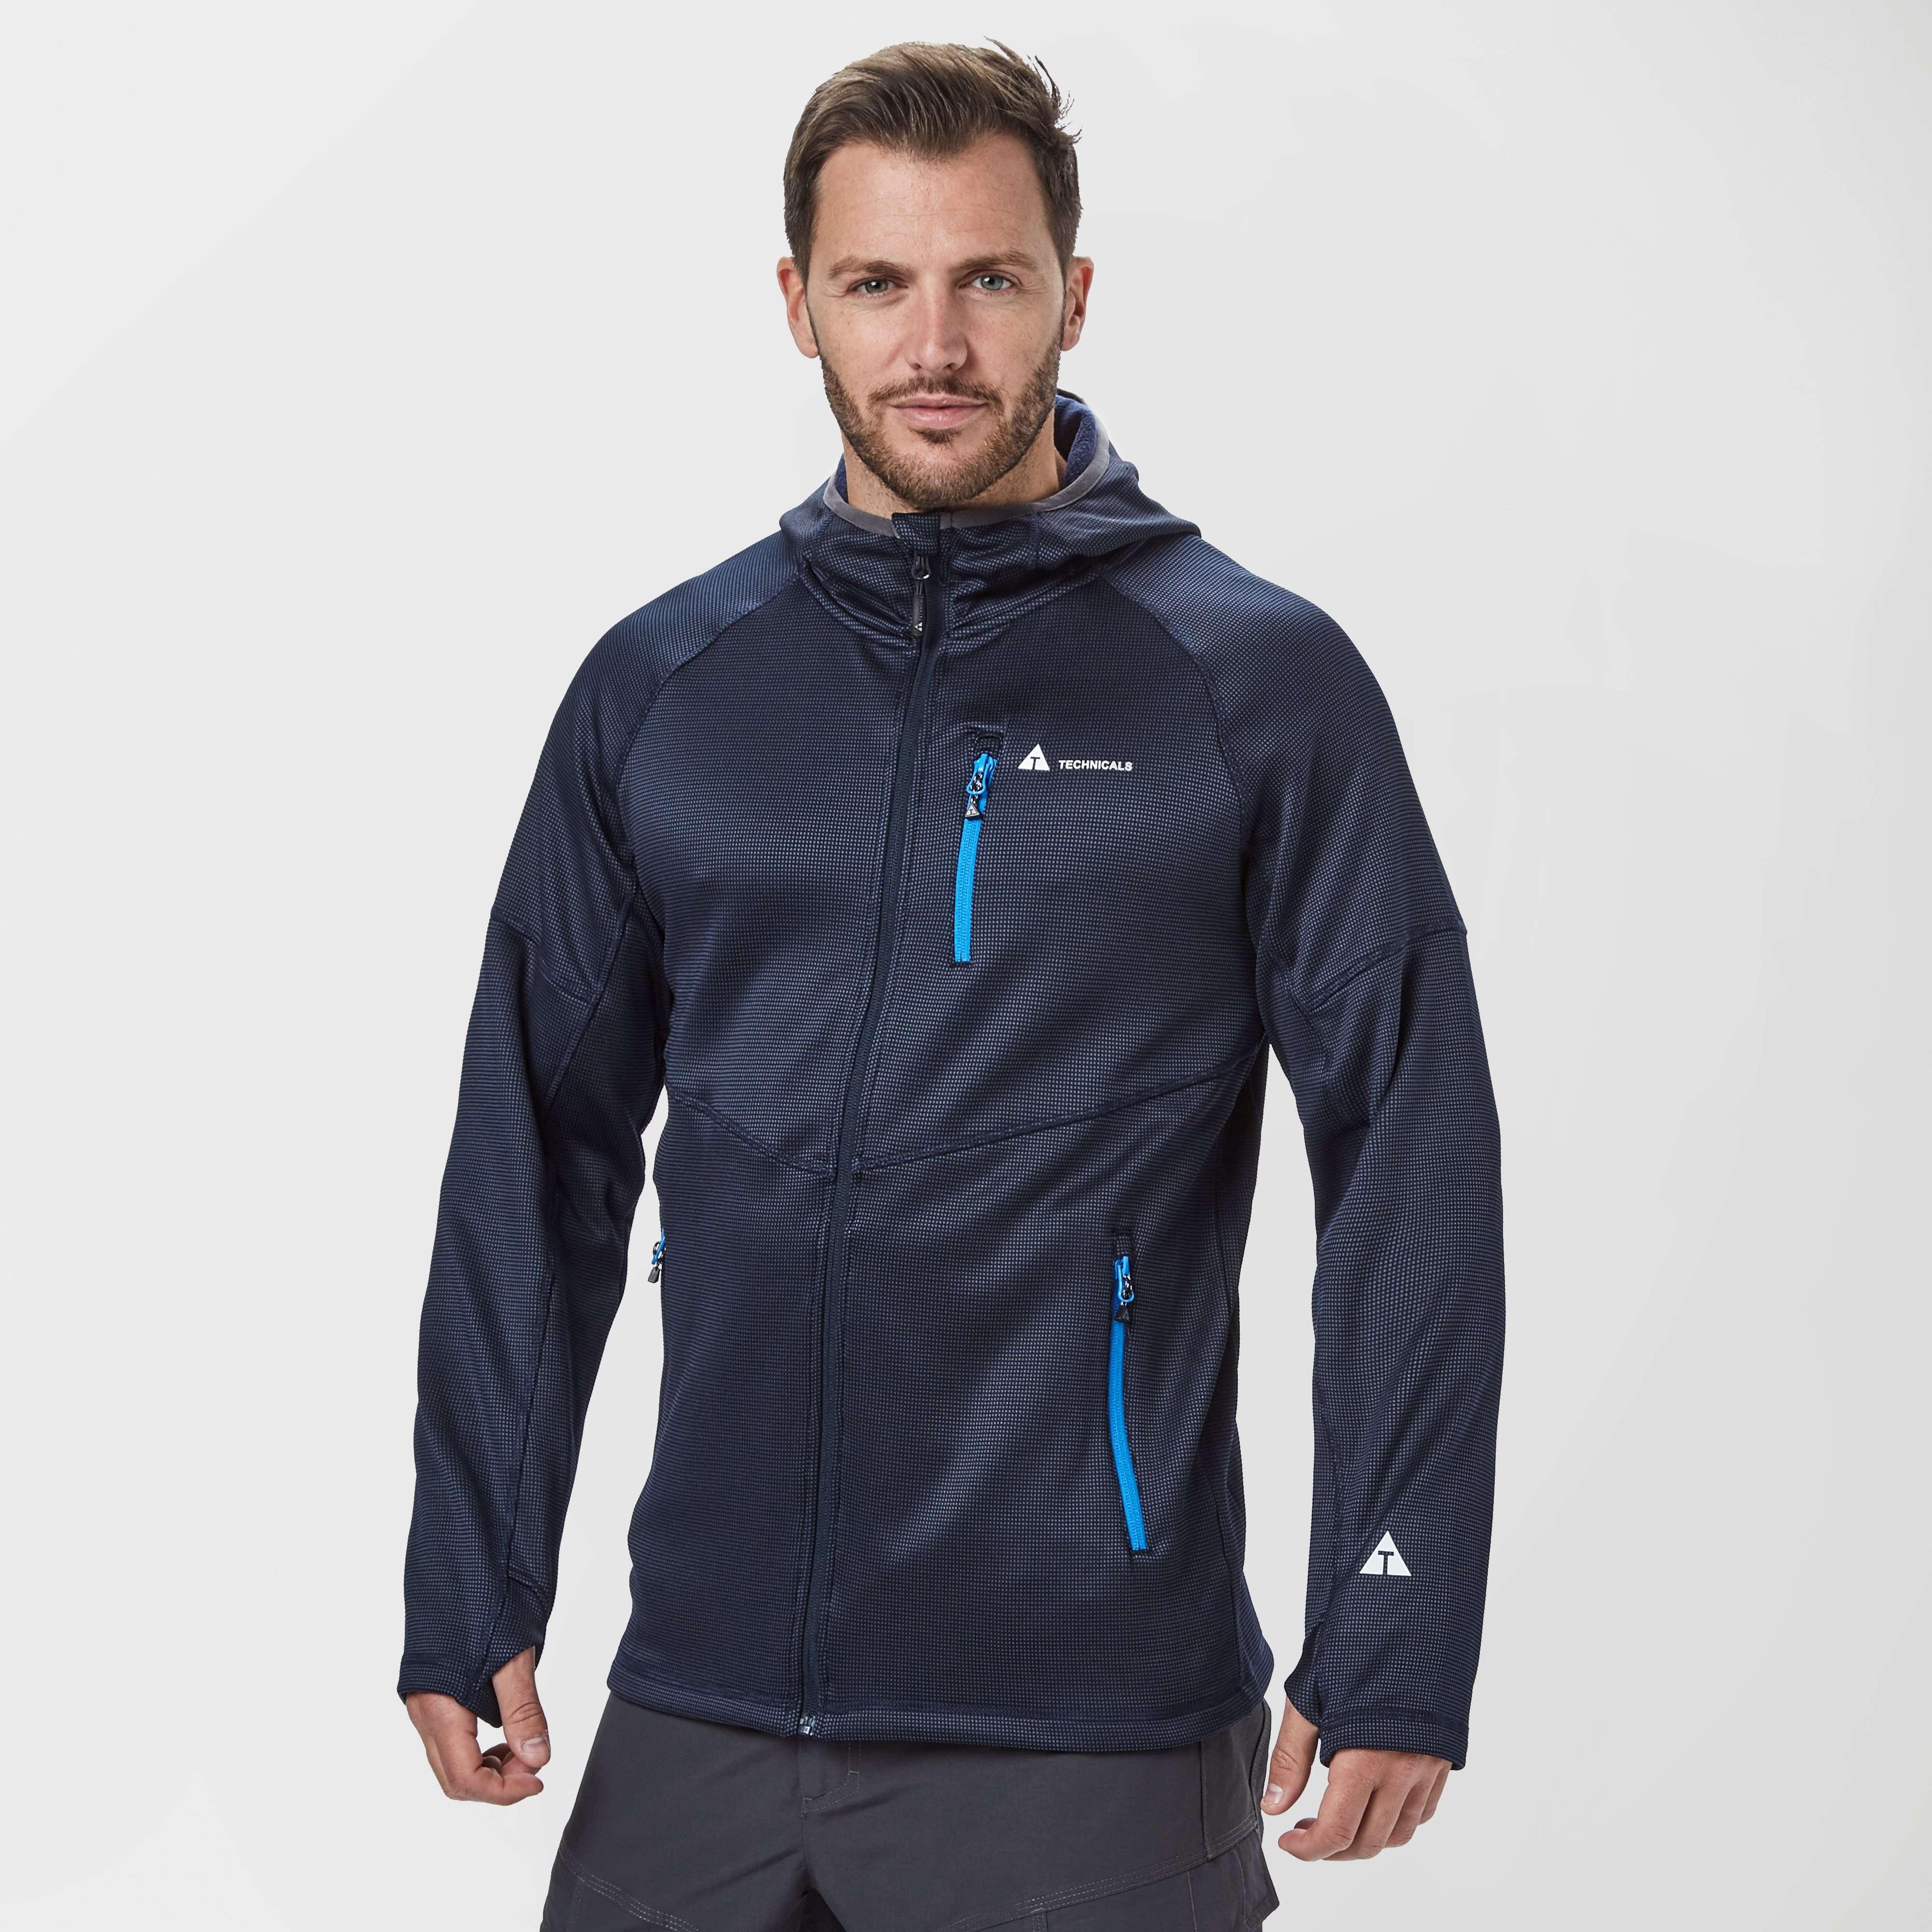 TECHNICALS Men's Race Full-Zip Hooded Jacket